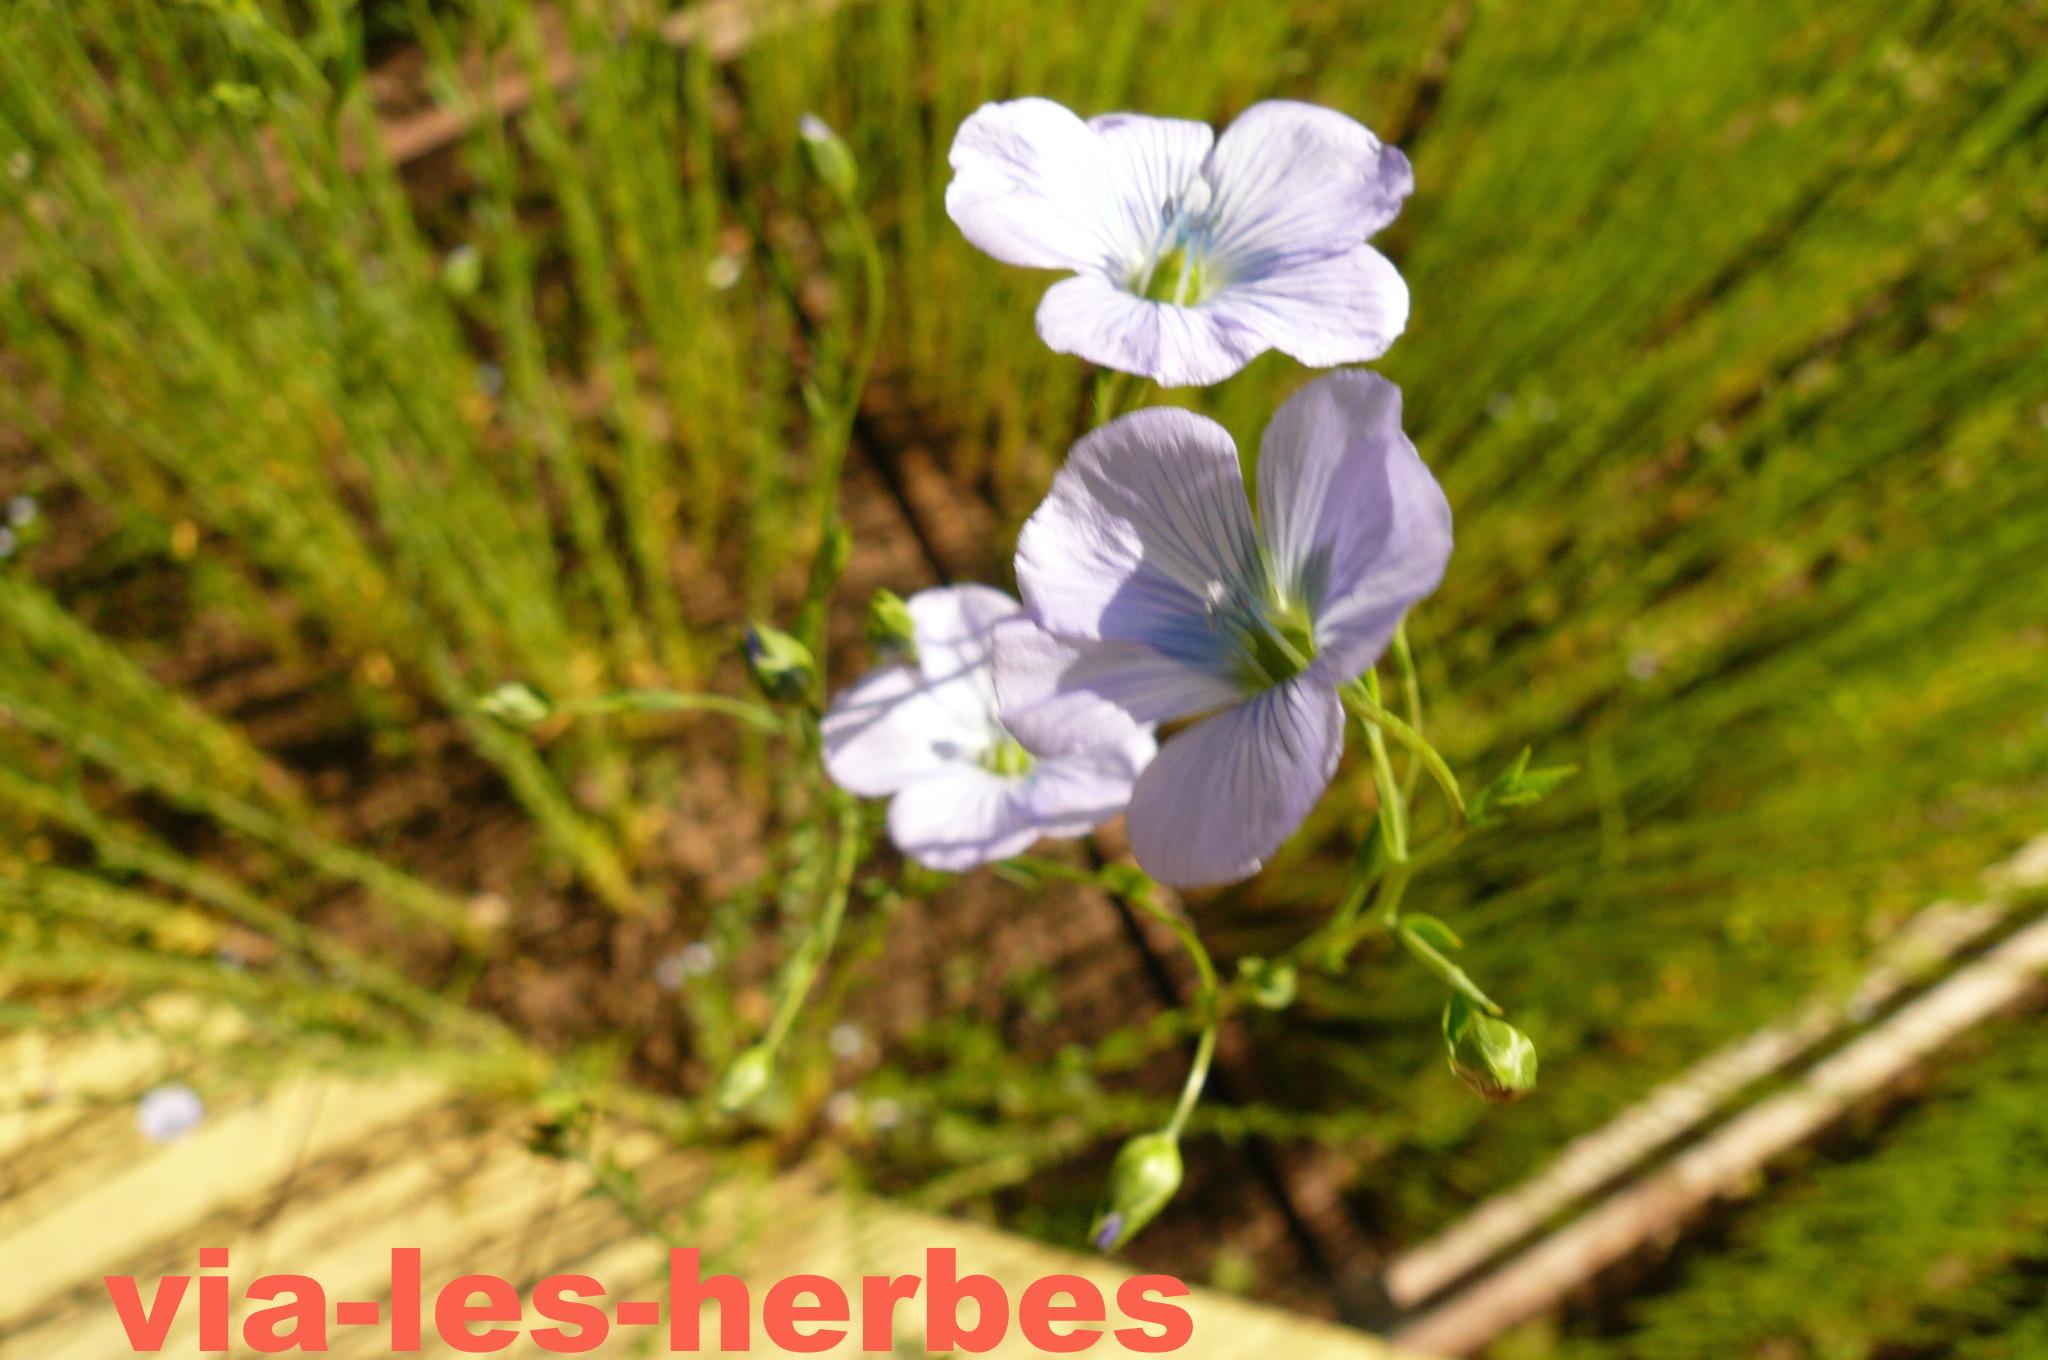 Le lin cultivé aux multiples usages   Via-les-herbes